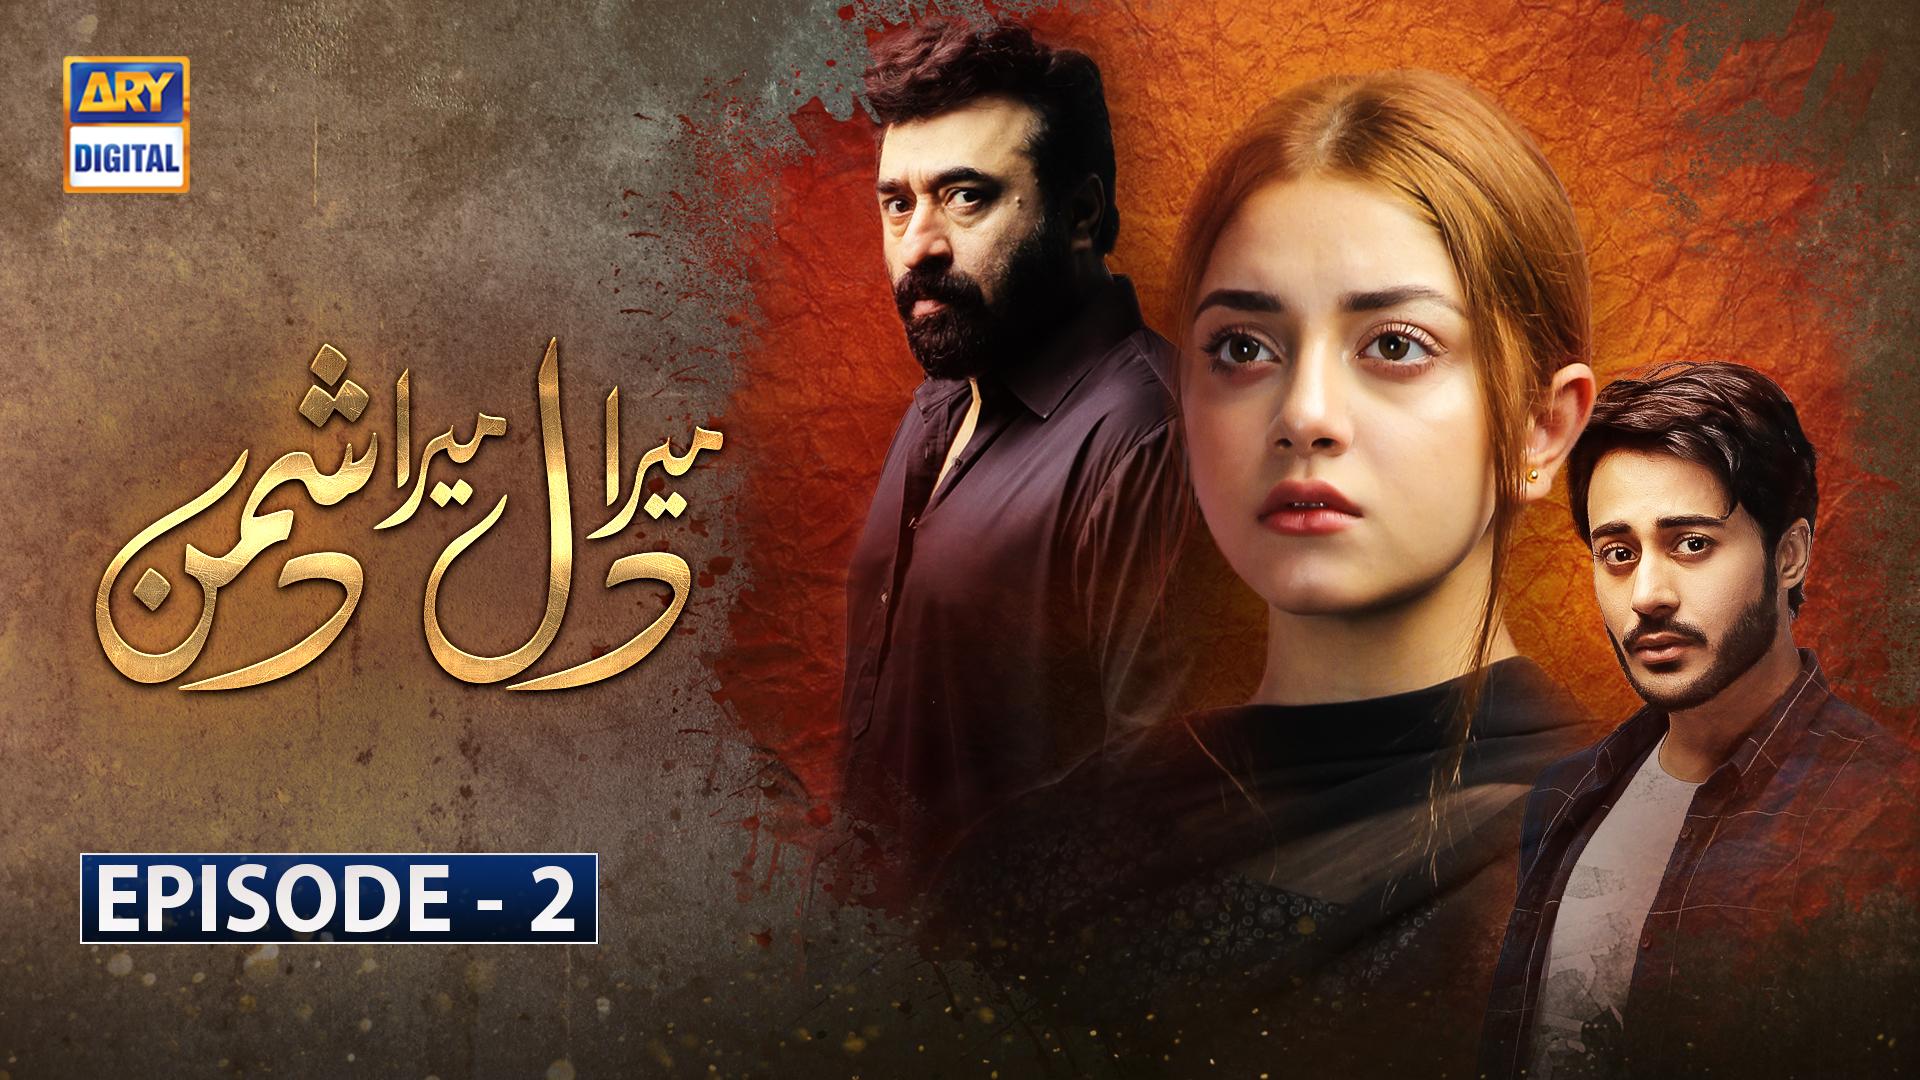 Mera Dil Mera Dushman Episode 2